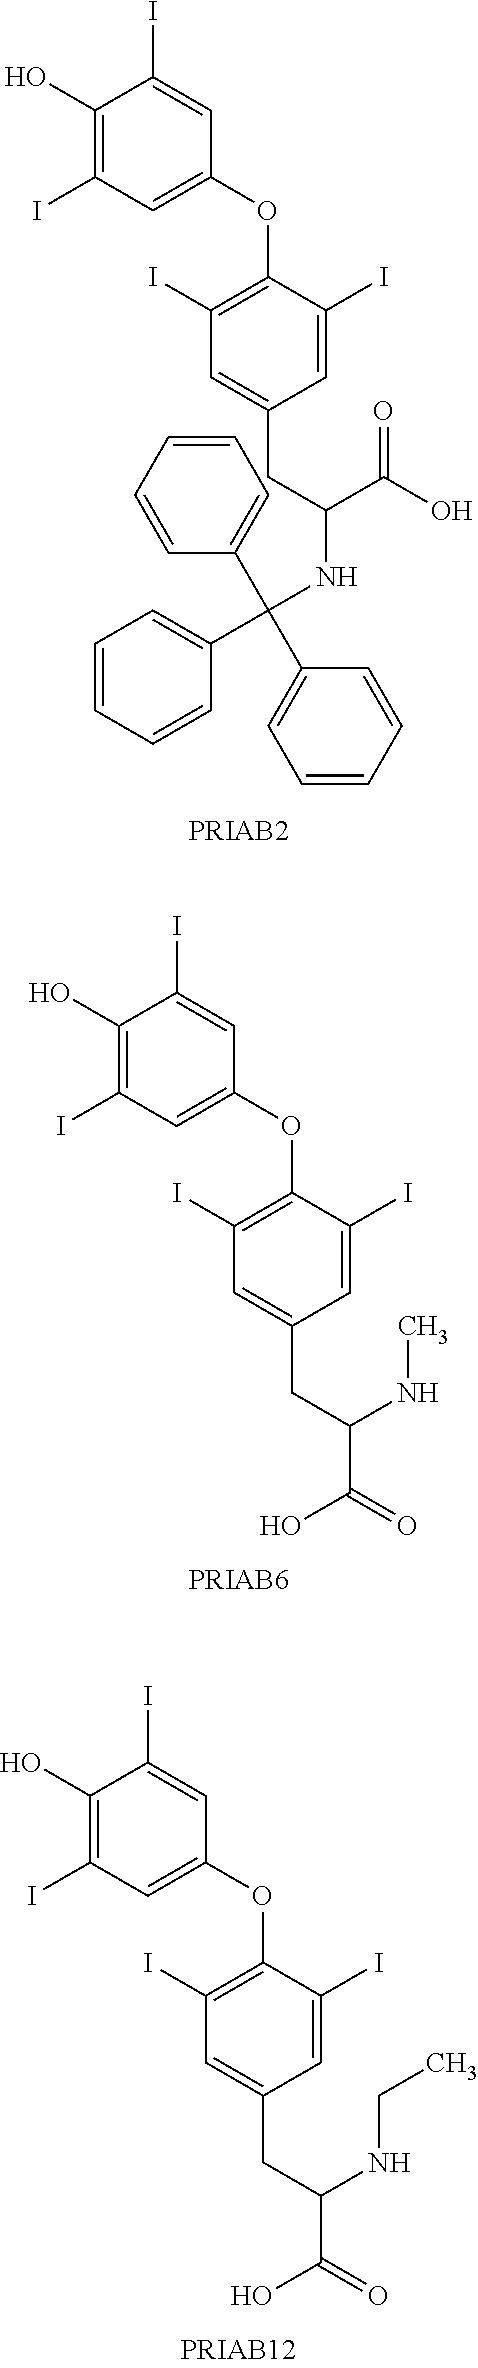 Figure US09579300-20170228-C00053